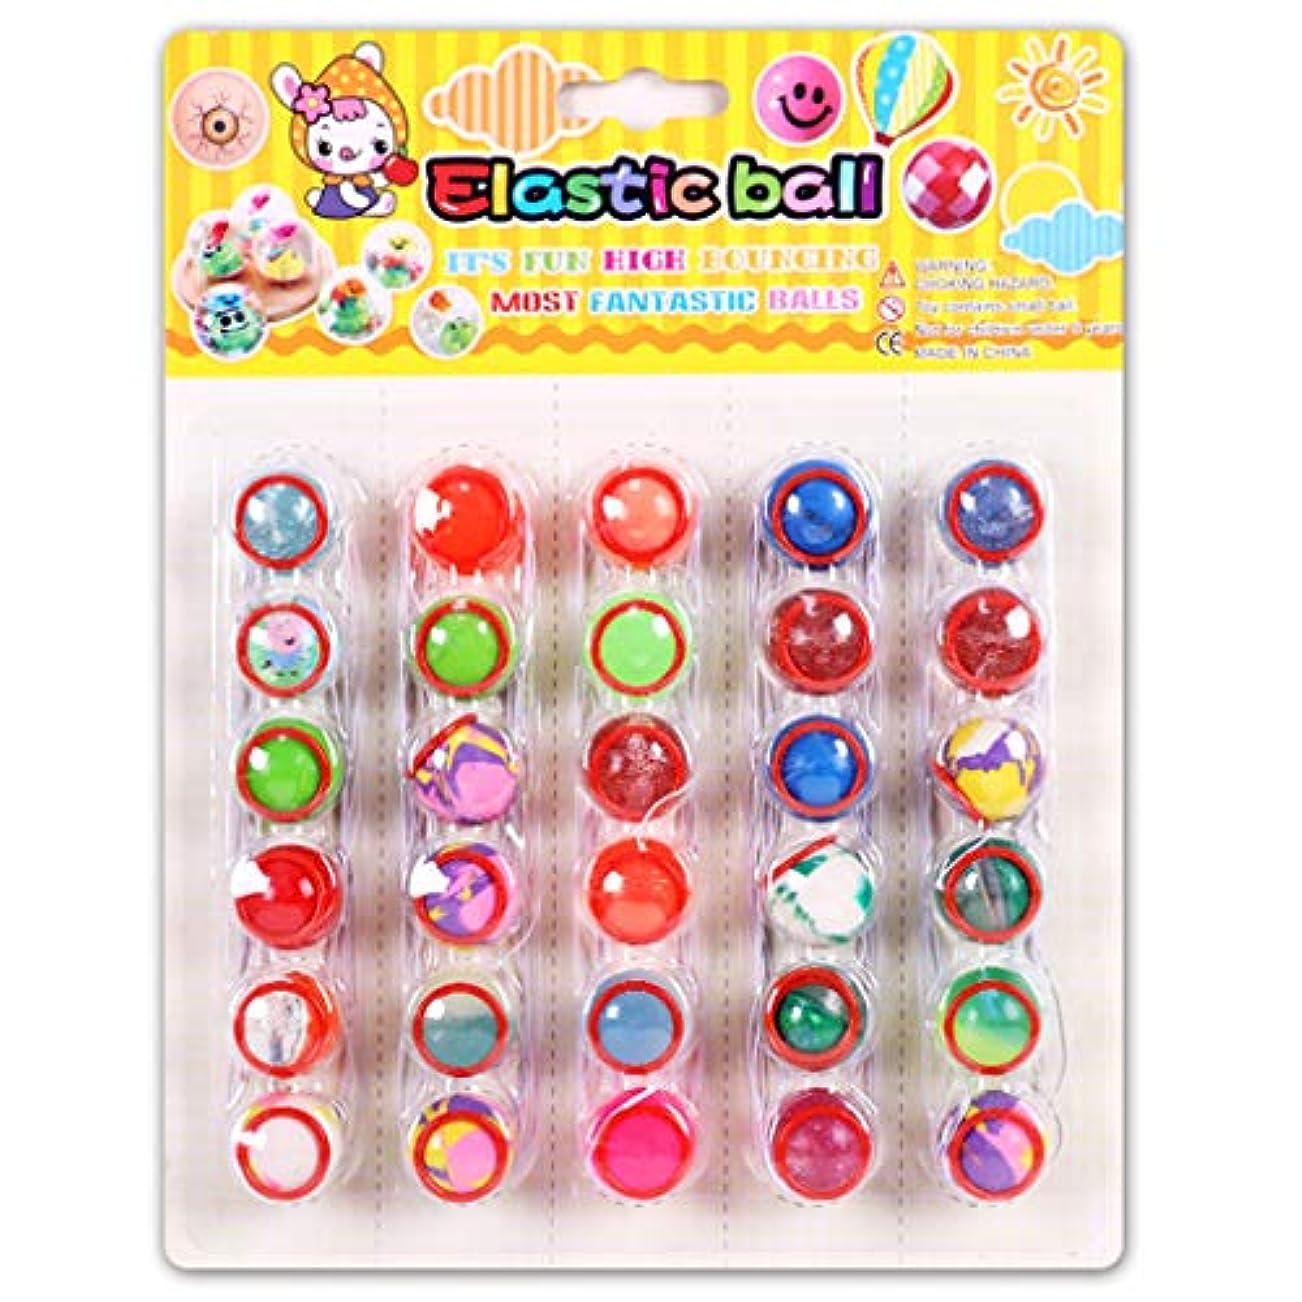 遺伝的シリンダー円形Fmingd 面白い小さな弾力ボール6個セット ゴムロープリング付き 紛失しないゴムボール 子供のおもちゃギフト